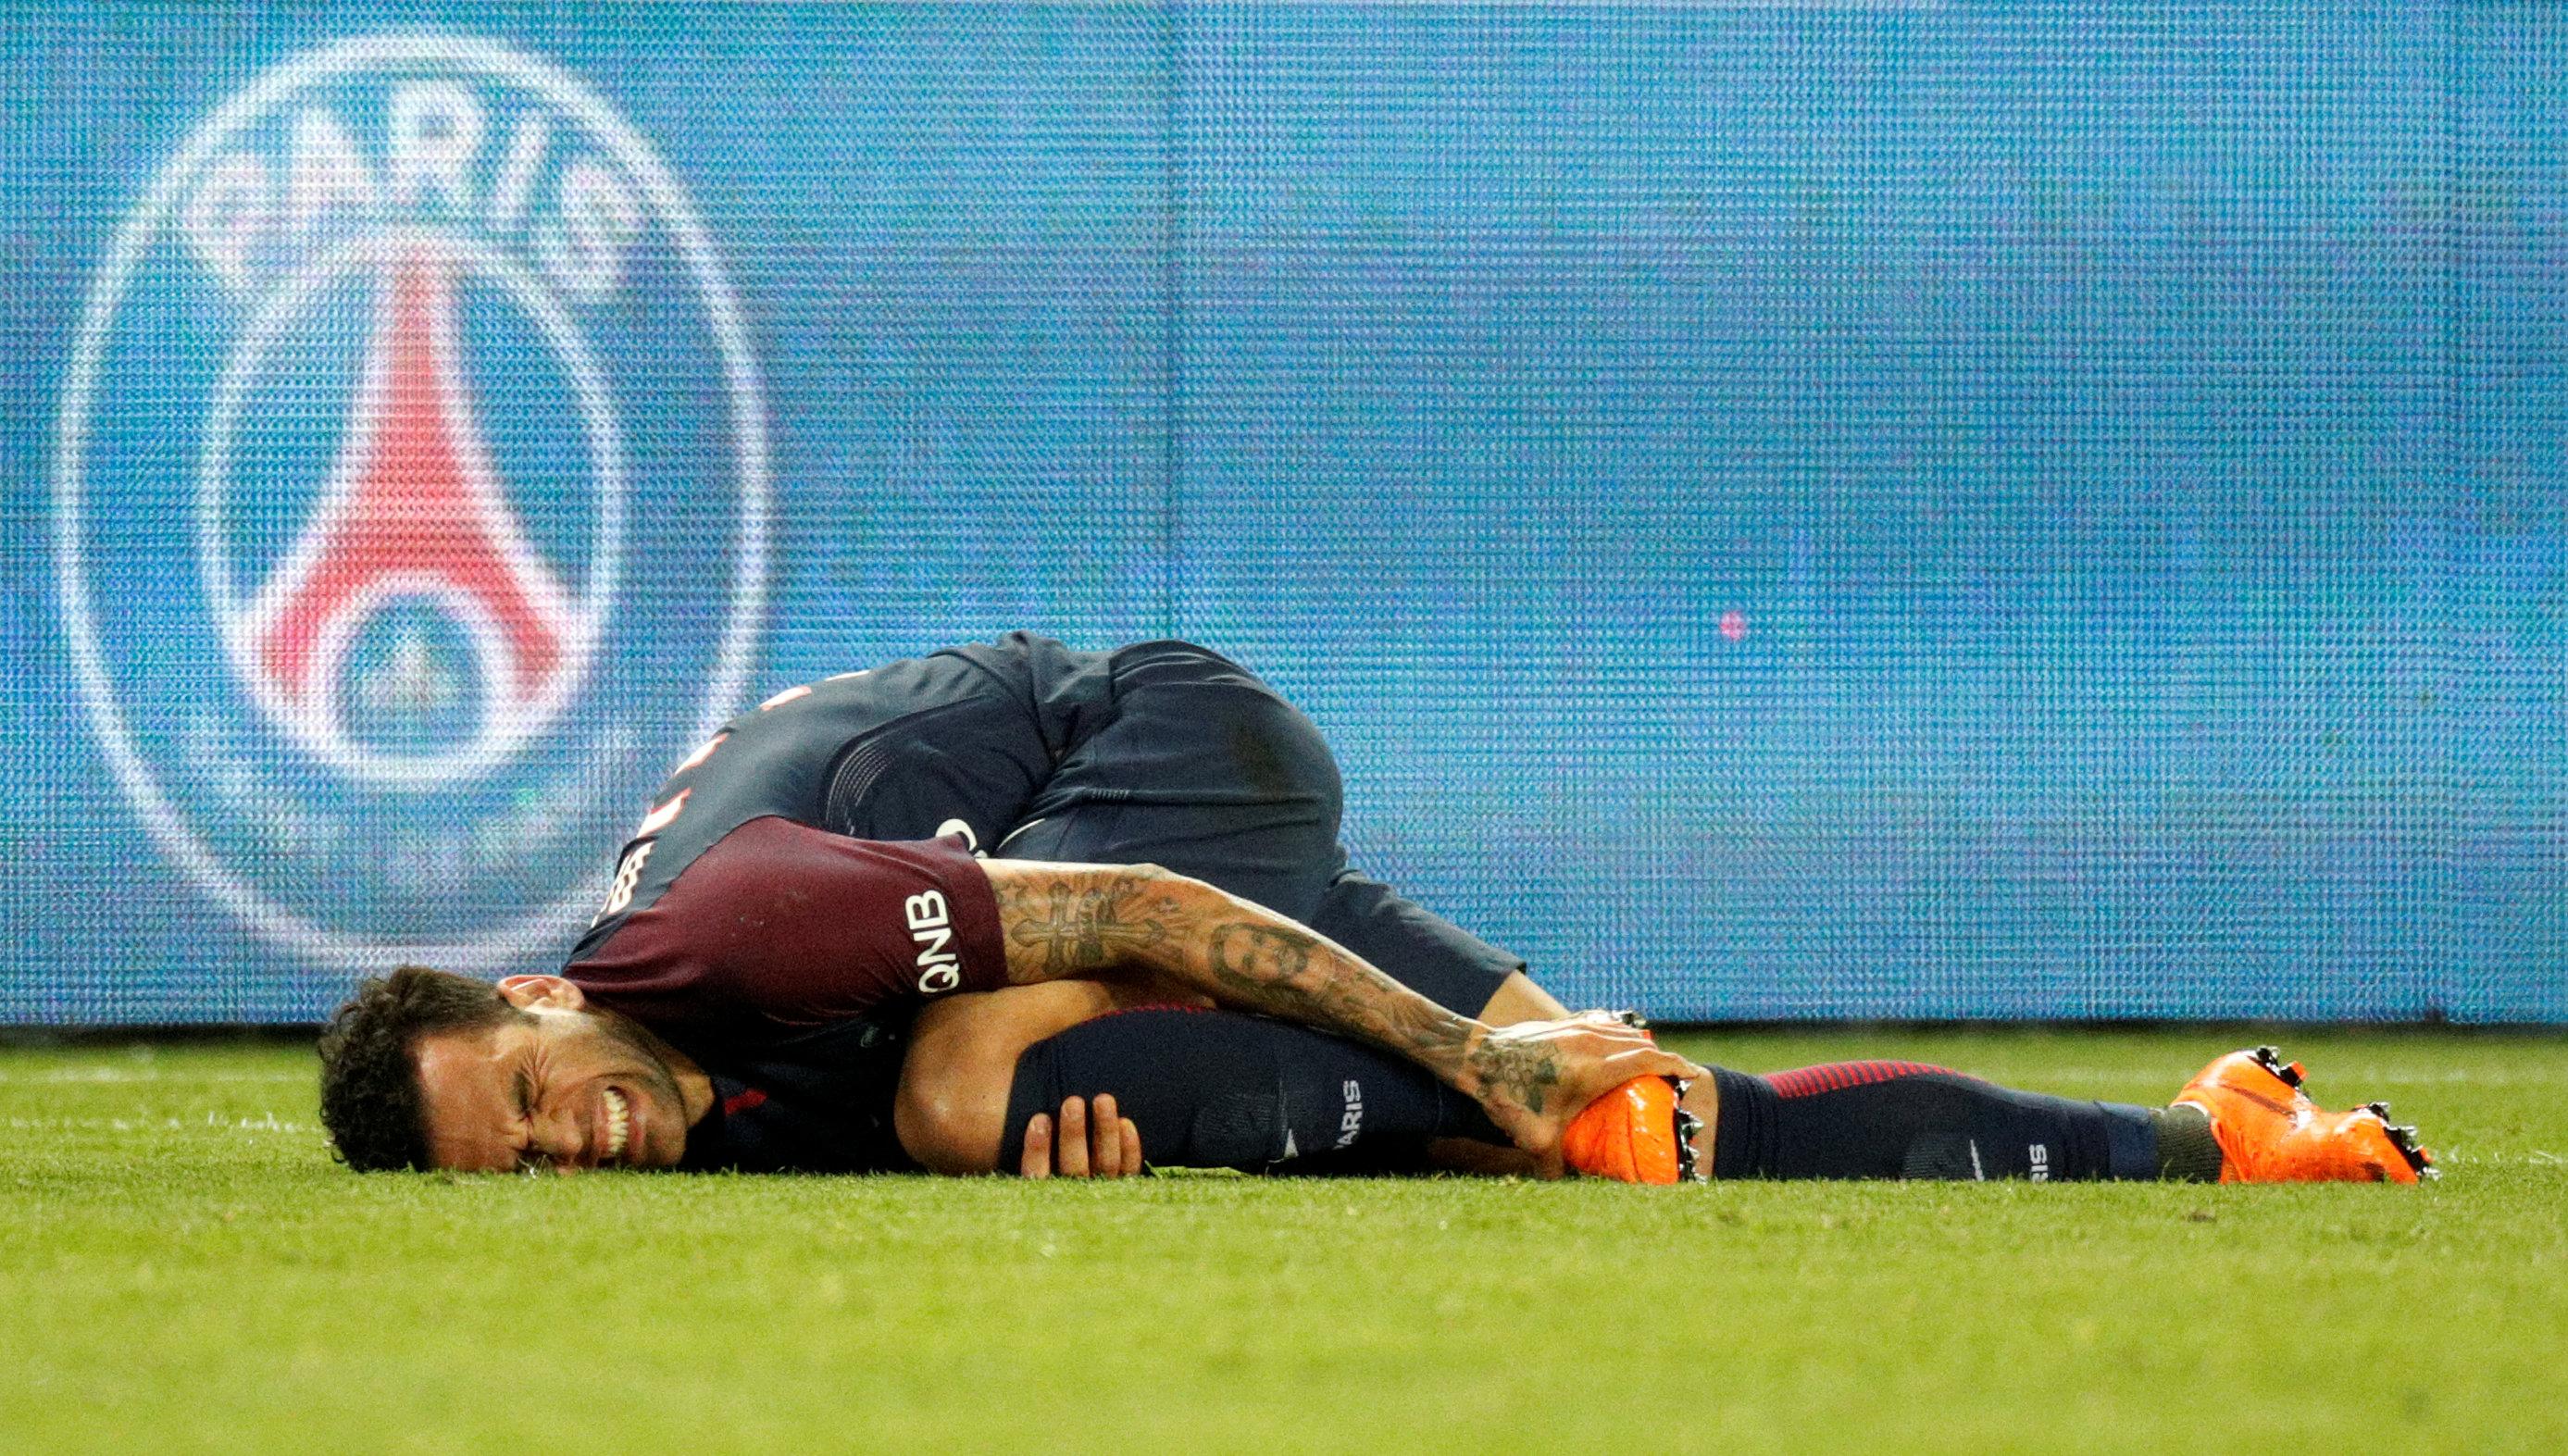 Alves nghỉ thi đấu 3 tuần vì chấn thương. Ảnh: REUTERS